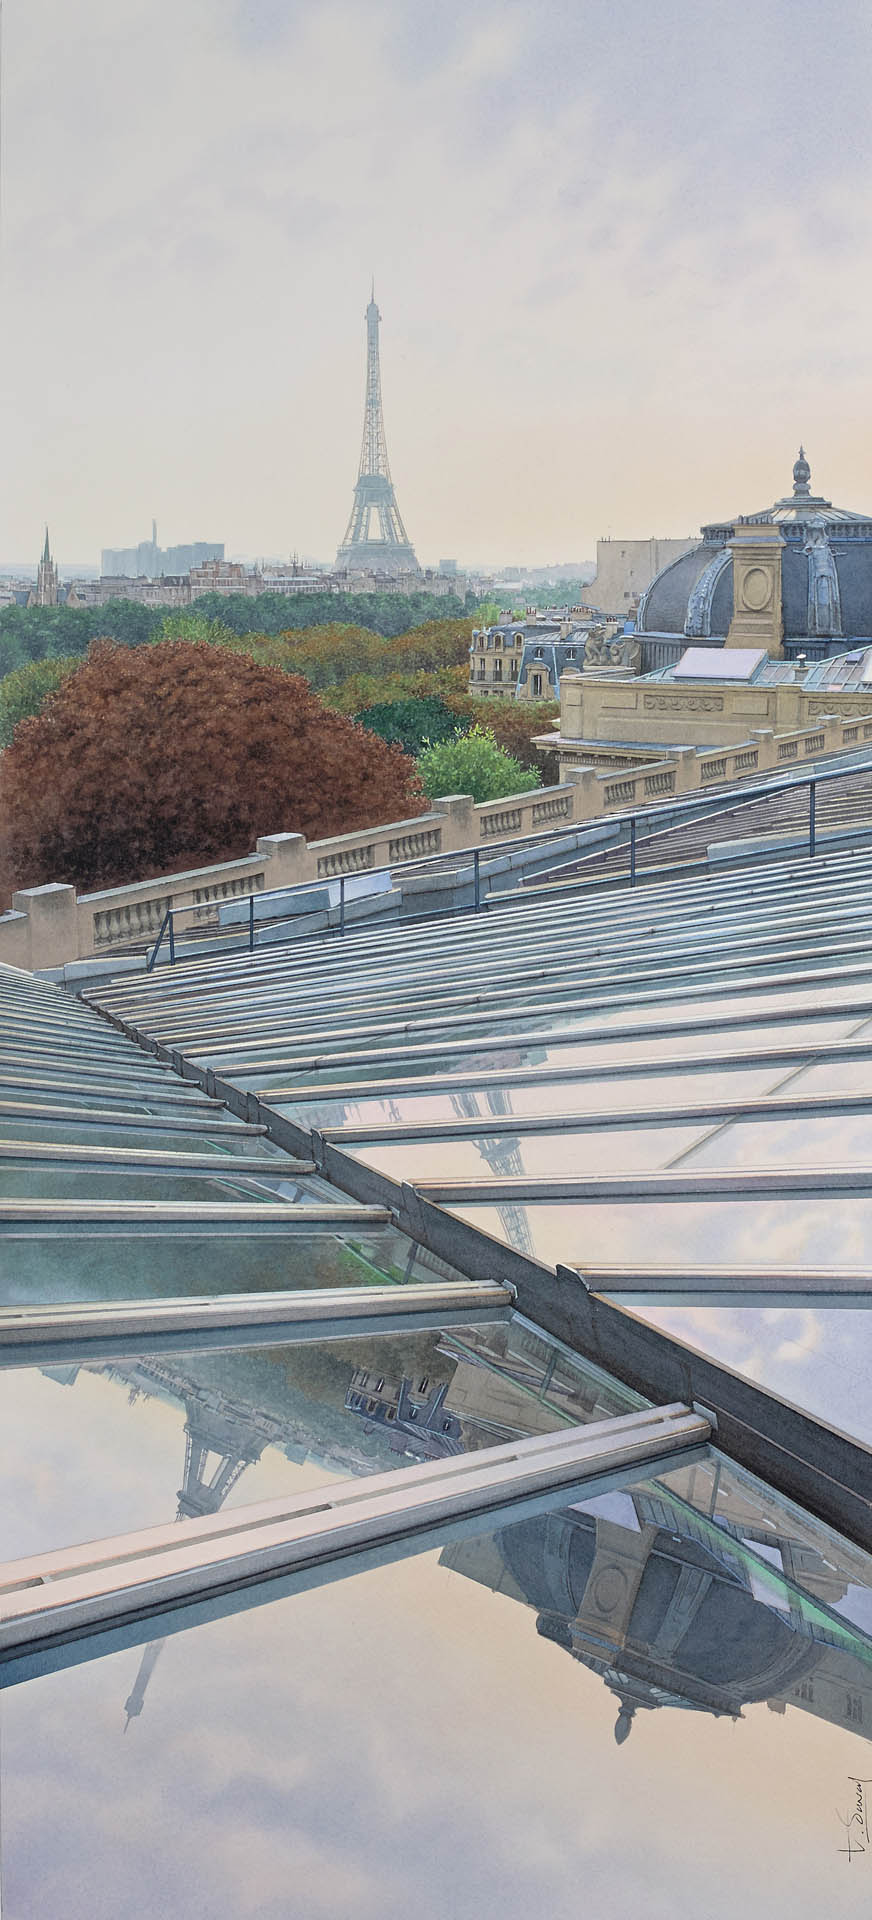 Deux tours Eiffel sur le dôme du Grand Palais de Paris